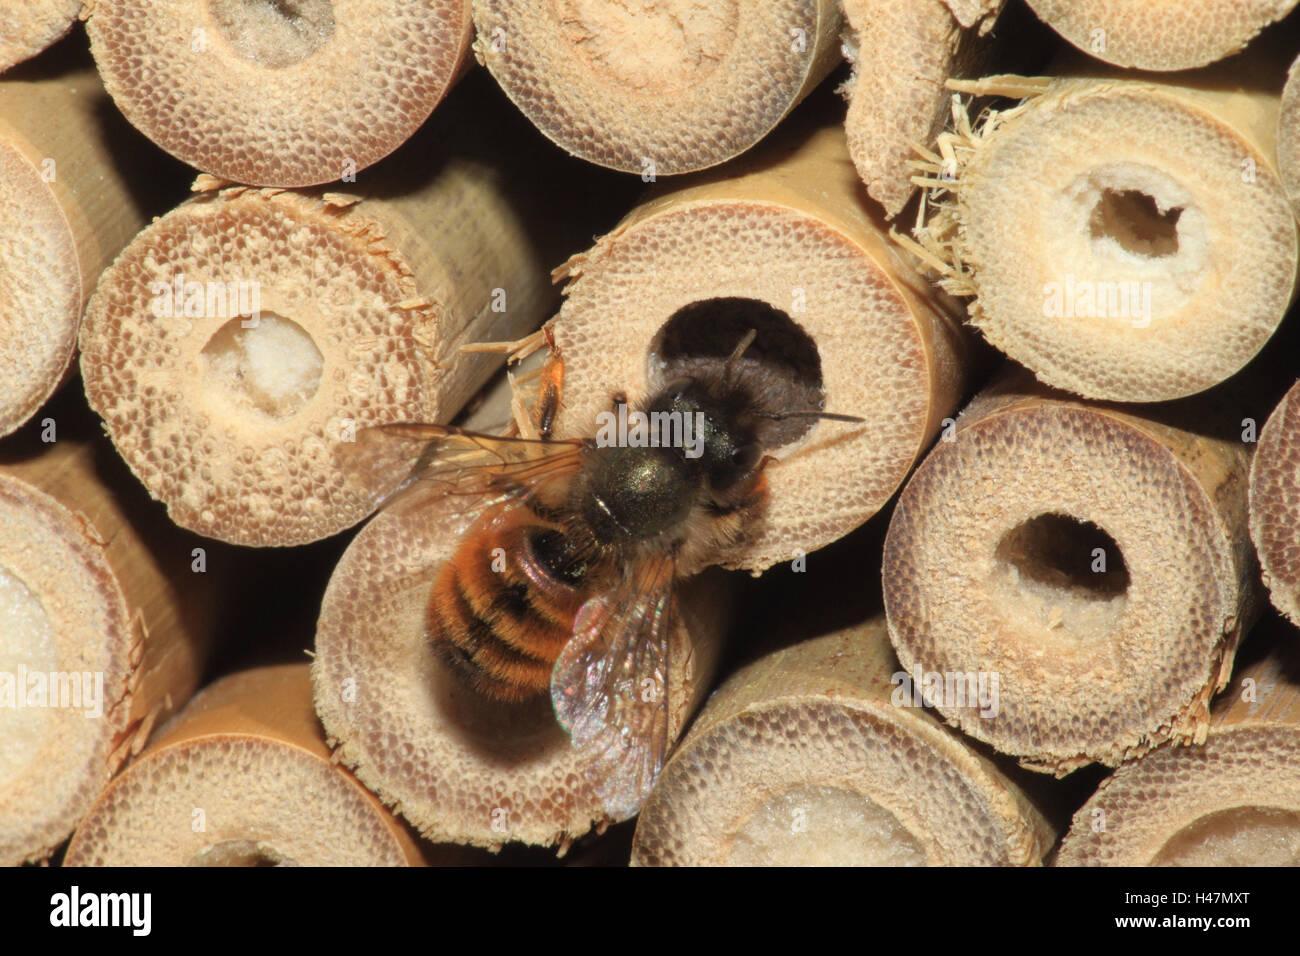 Muralla defensiva, cría de abejas pit, medio cerca, formato horizontal, insectos, animales, animales salvajes, Imagen De Stock